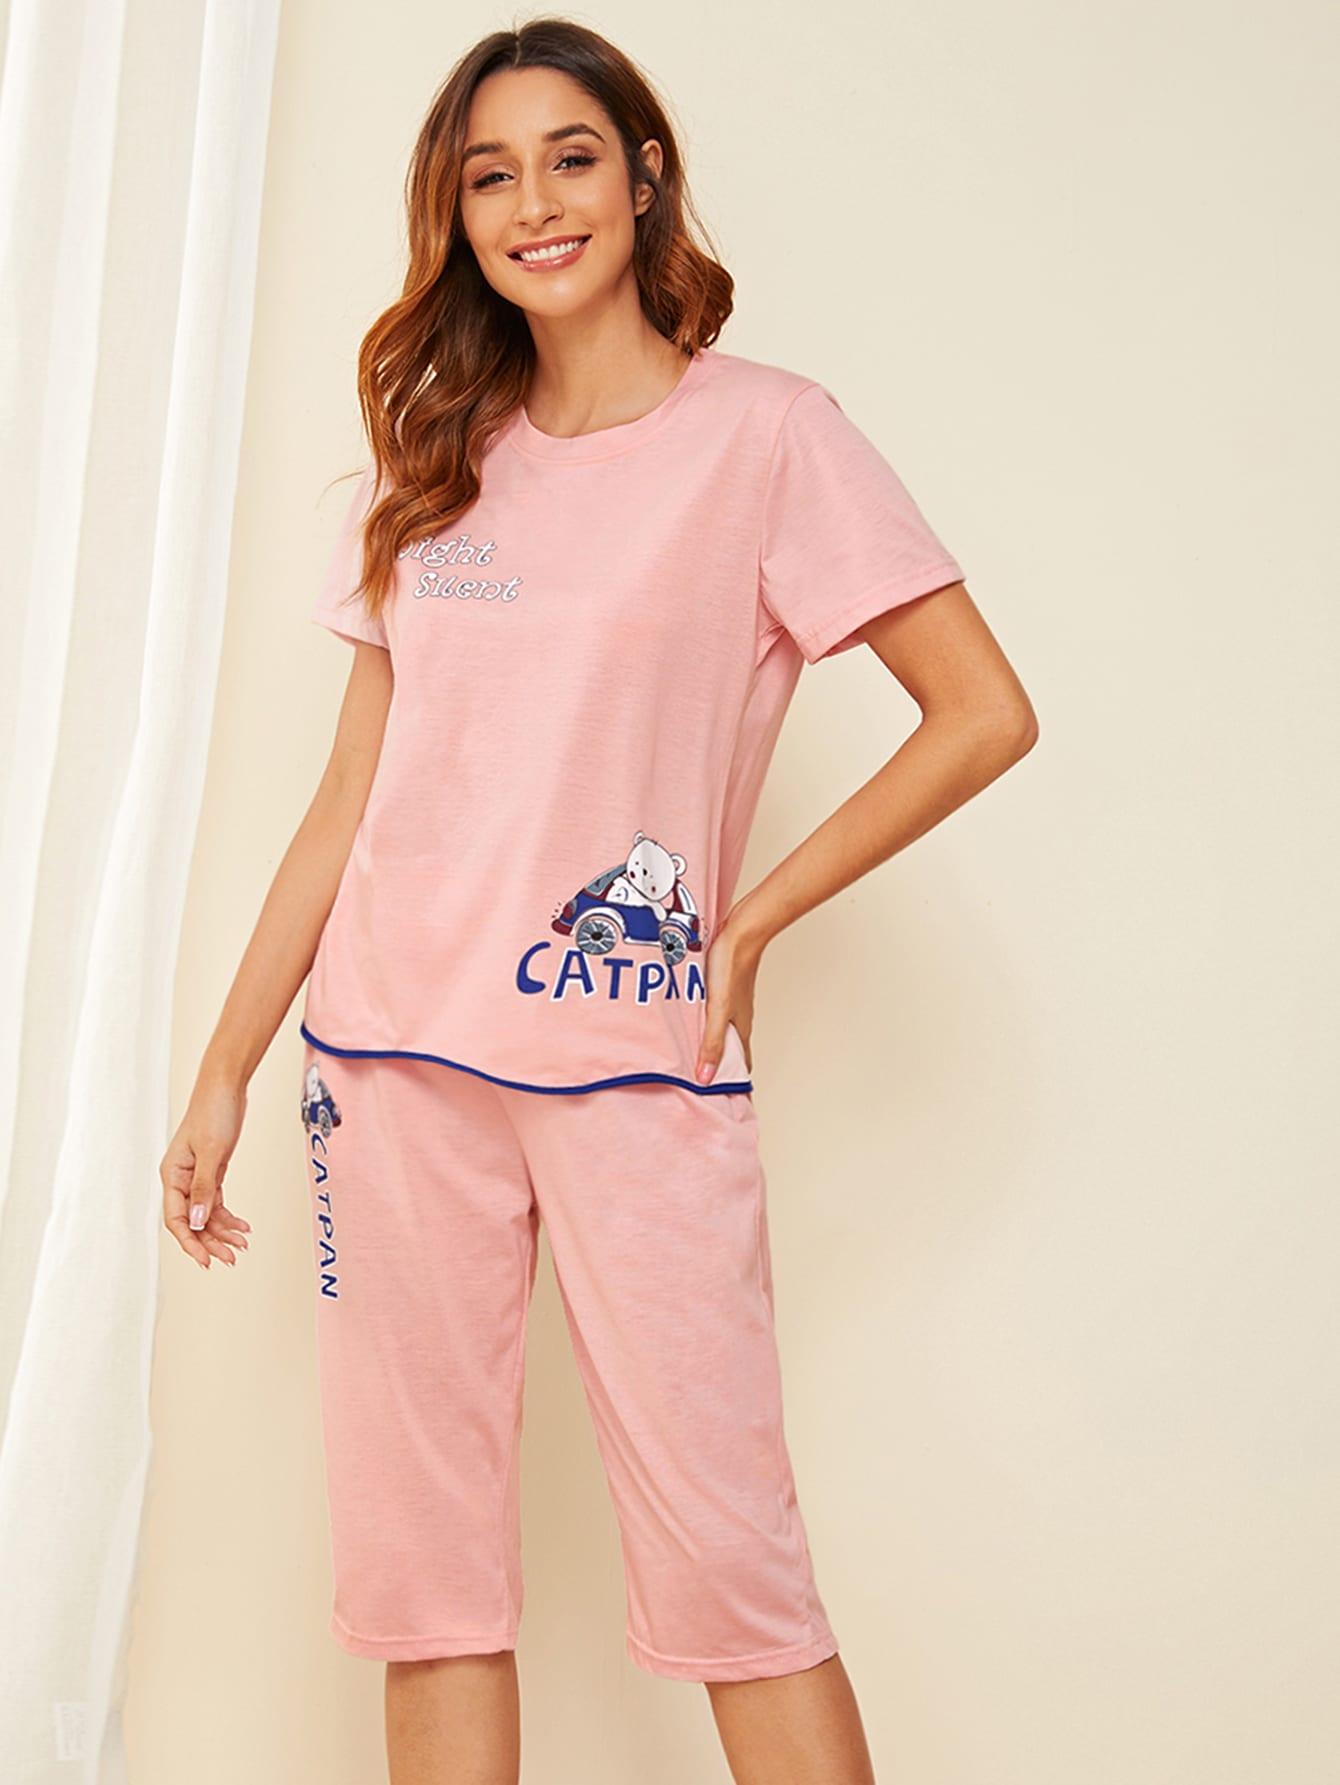 Фото - Пижама с текстовым и графическим принтом от SheIn цвет розовые